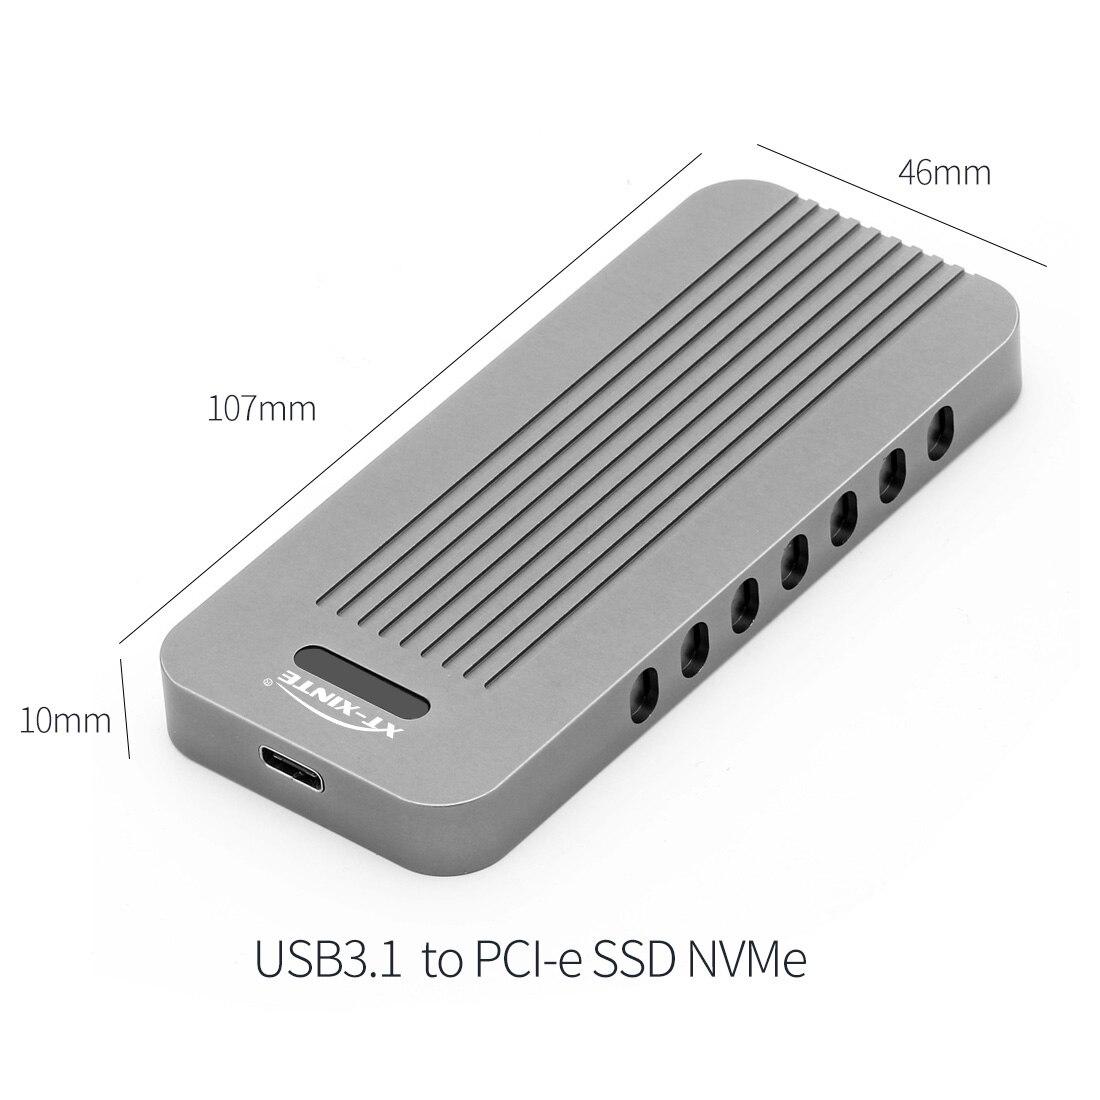 Boîtier externe en métal M.2 à 10Gbps USB 3.1 Type C NVMe PCIe 3.0 SSD boîtier boîtier M clé NGFF USB3.1 boîtier HDD adaptateur de câble C à C